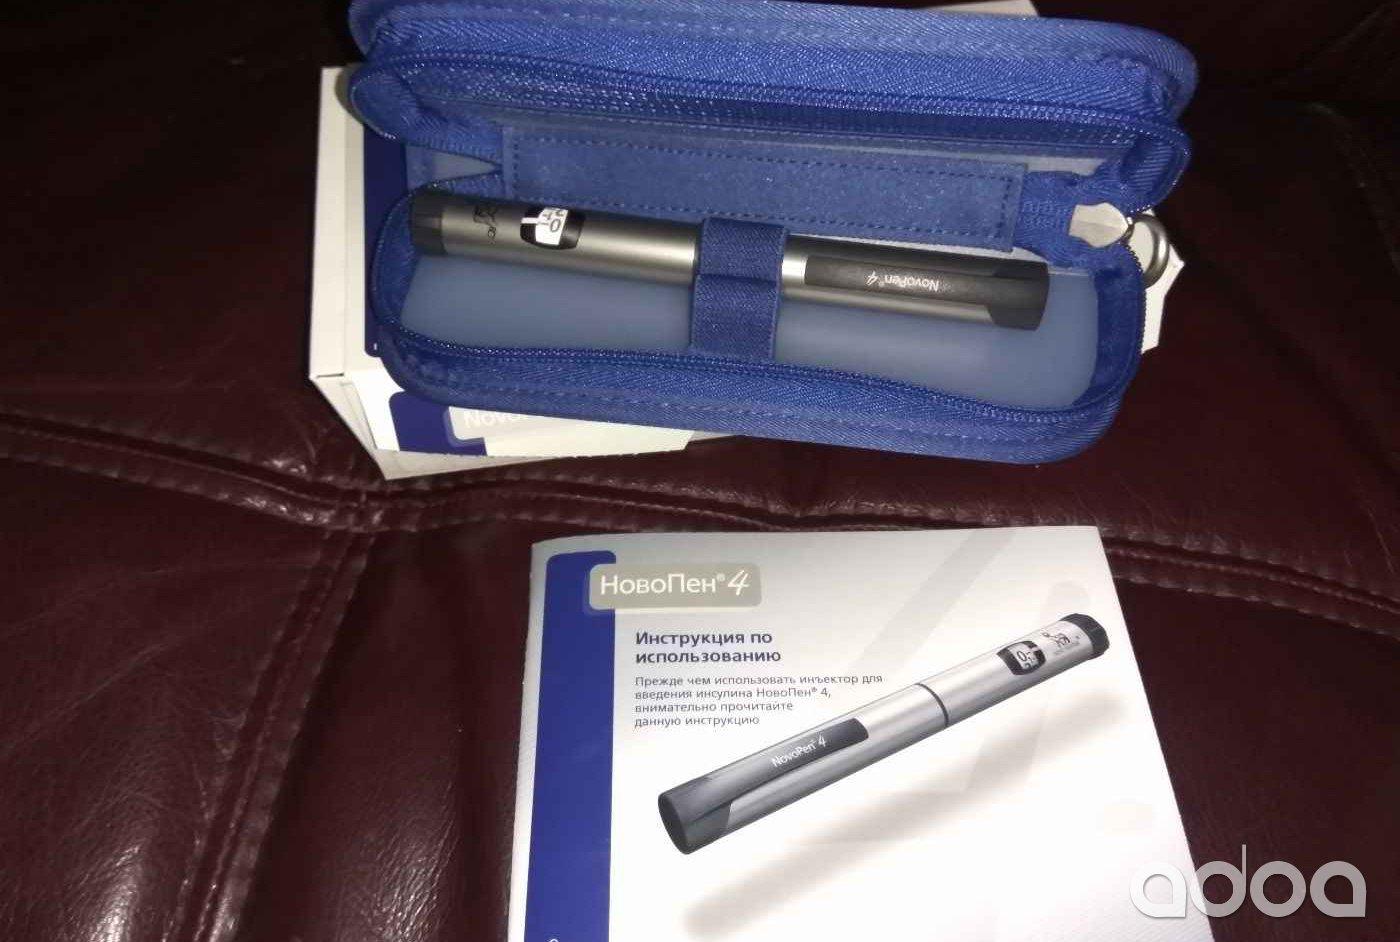 Шприц ручка новопен 4 для каких инсулинов